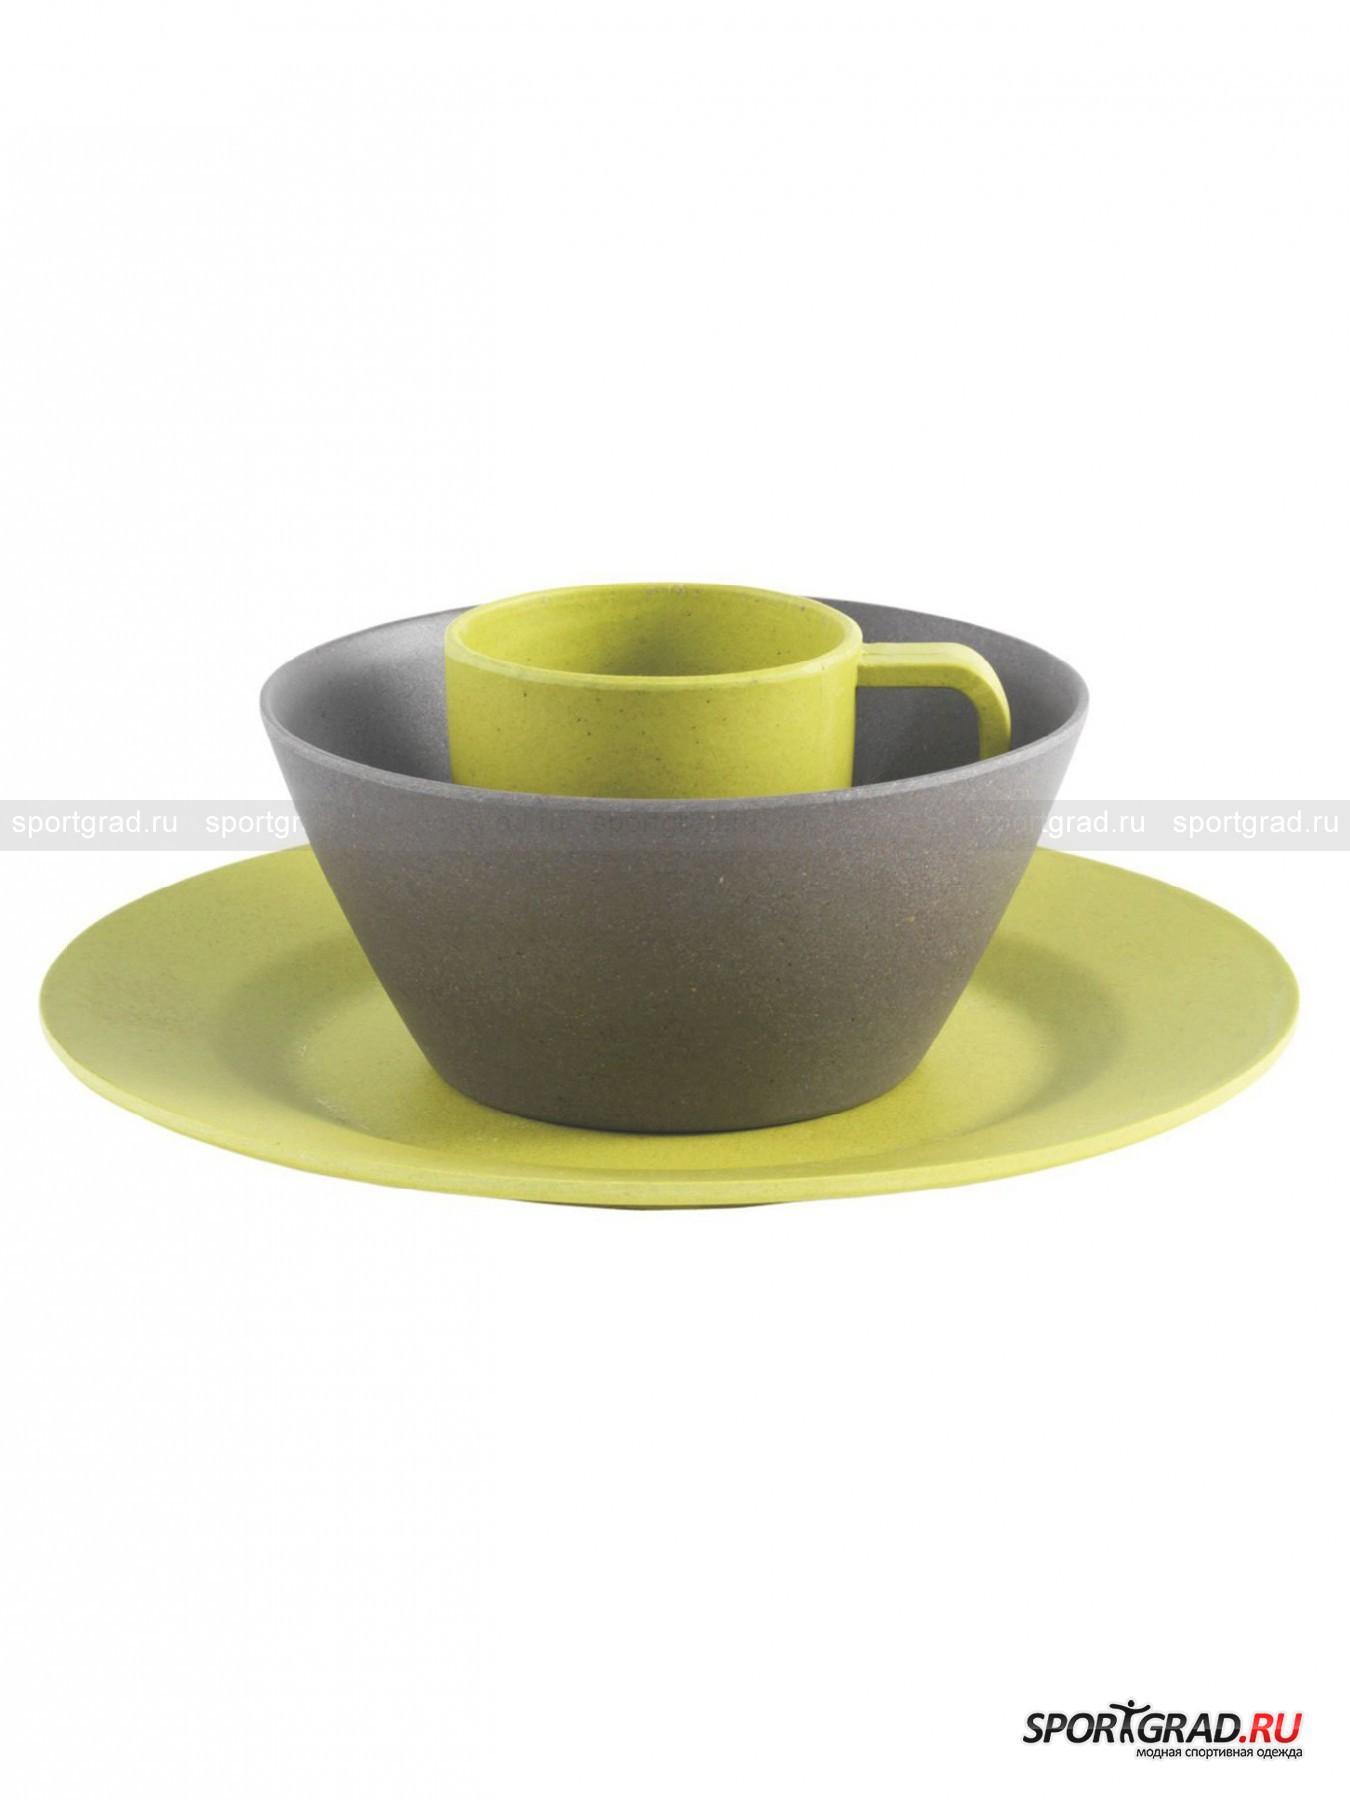 Набор посуды бамбук: кружка+тарелка+чаша PicnicСпальные Мешки<br>Выполненный из бамбука набор для пикника от Outwell - это идеальный вариант для небольшой поездки или пикника. Посуда из биоразлагаемого переработанного бамбука и отличается своей экологичностью и безопасностью. В комплекте три предмета: глубокая чаша, плоская тарелка и кружка. Отличный подарок и просто практичная вещь от известного датского бренда Outwell.<br><br>Возраст: Взрослый<br>Тип: Спальные Мешки<br>Состав: Бамбук